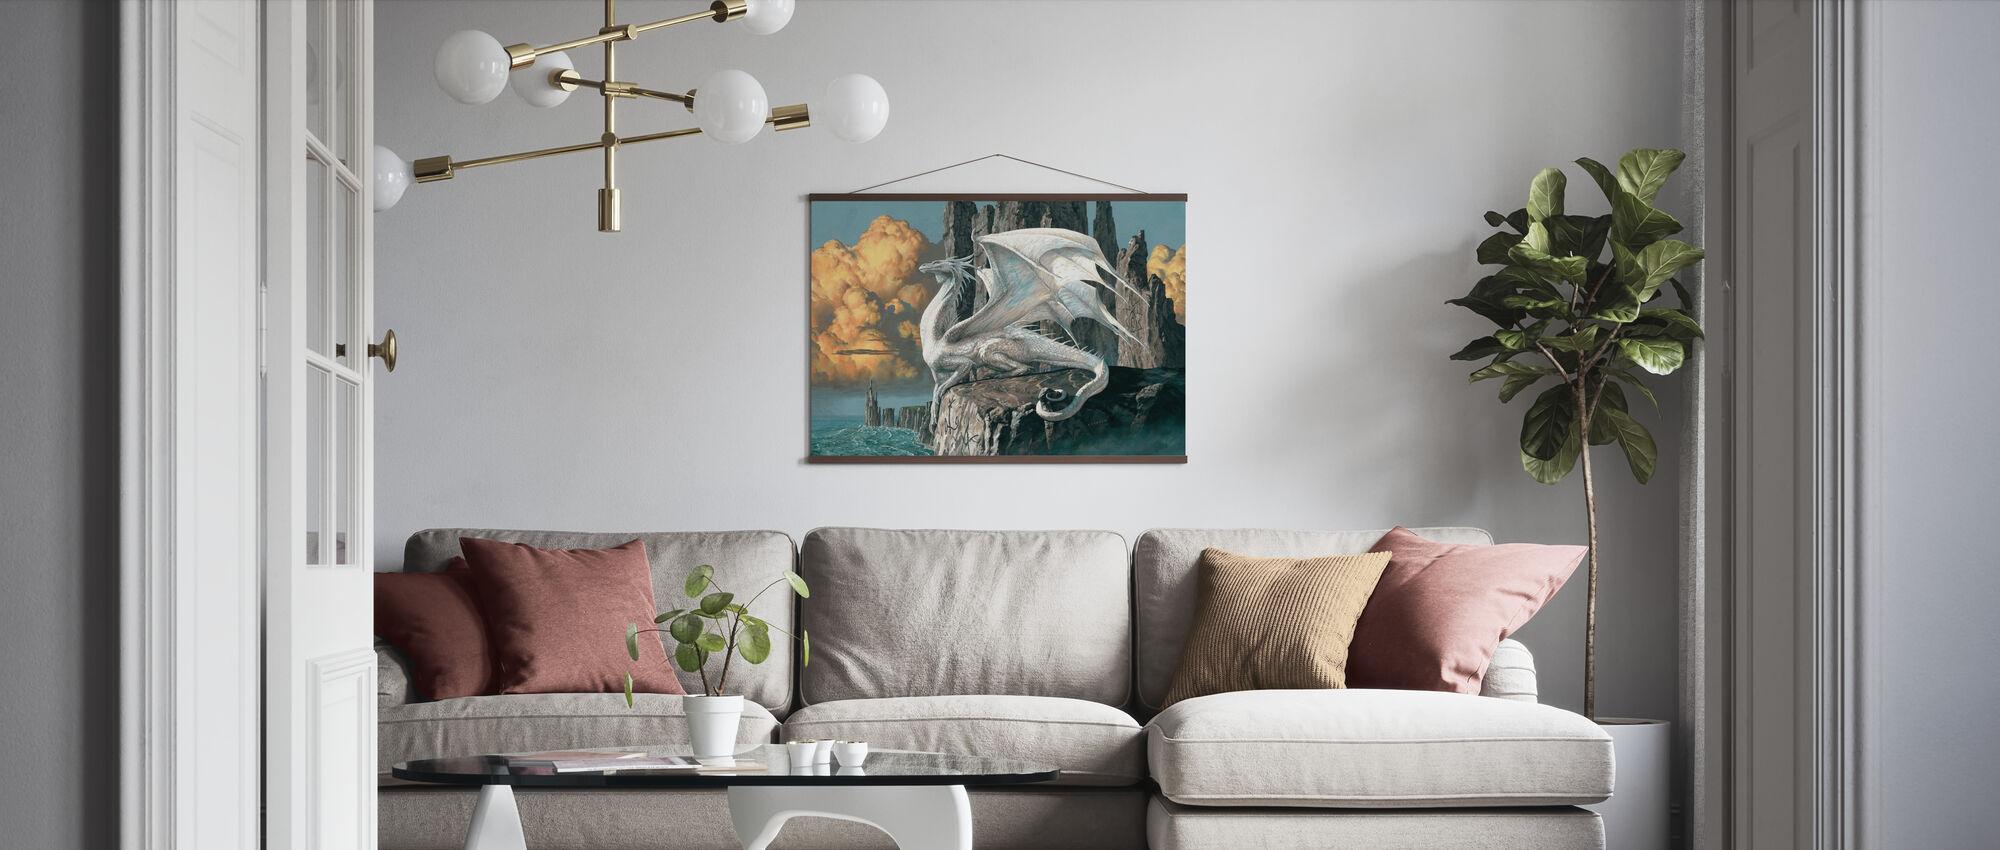 Hobsyllwin - Poster - Wohnzimmer